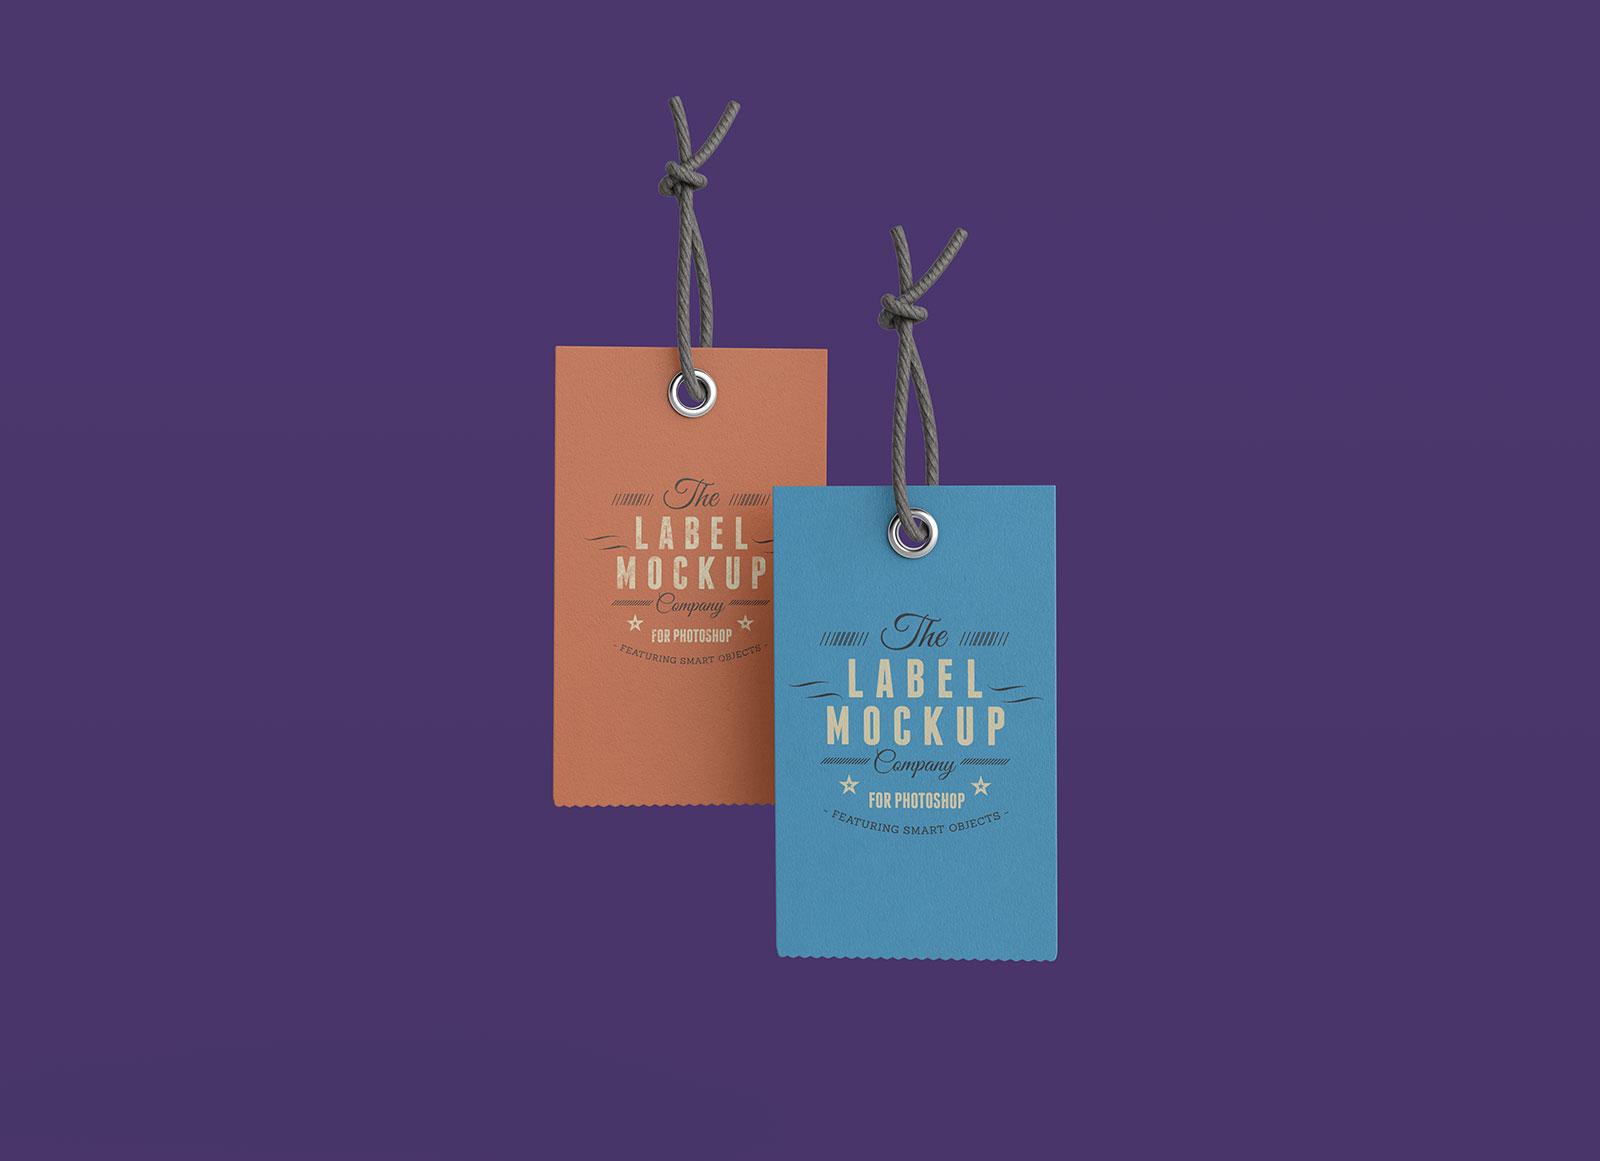 Free-Clothing-Label-Hang-Tag-Mockup-PSD-File